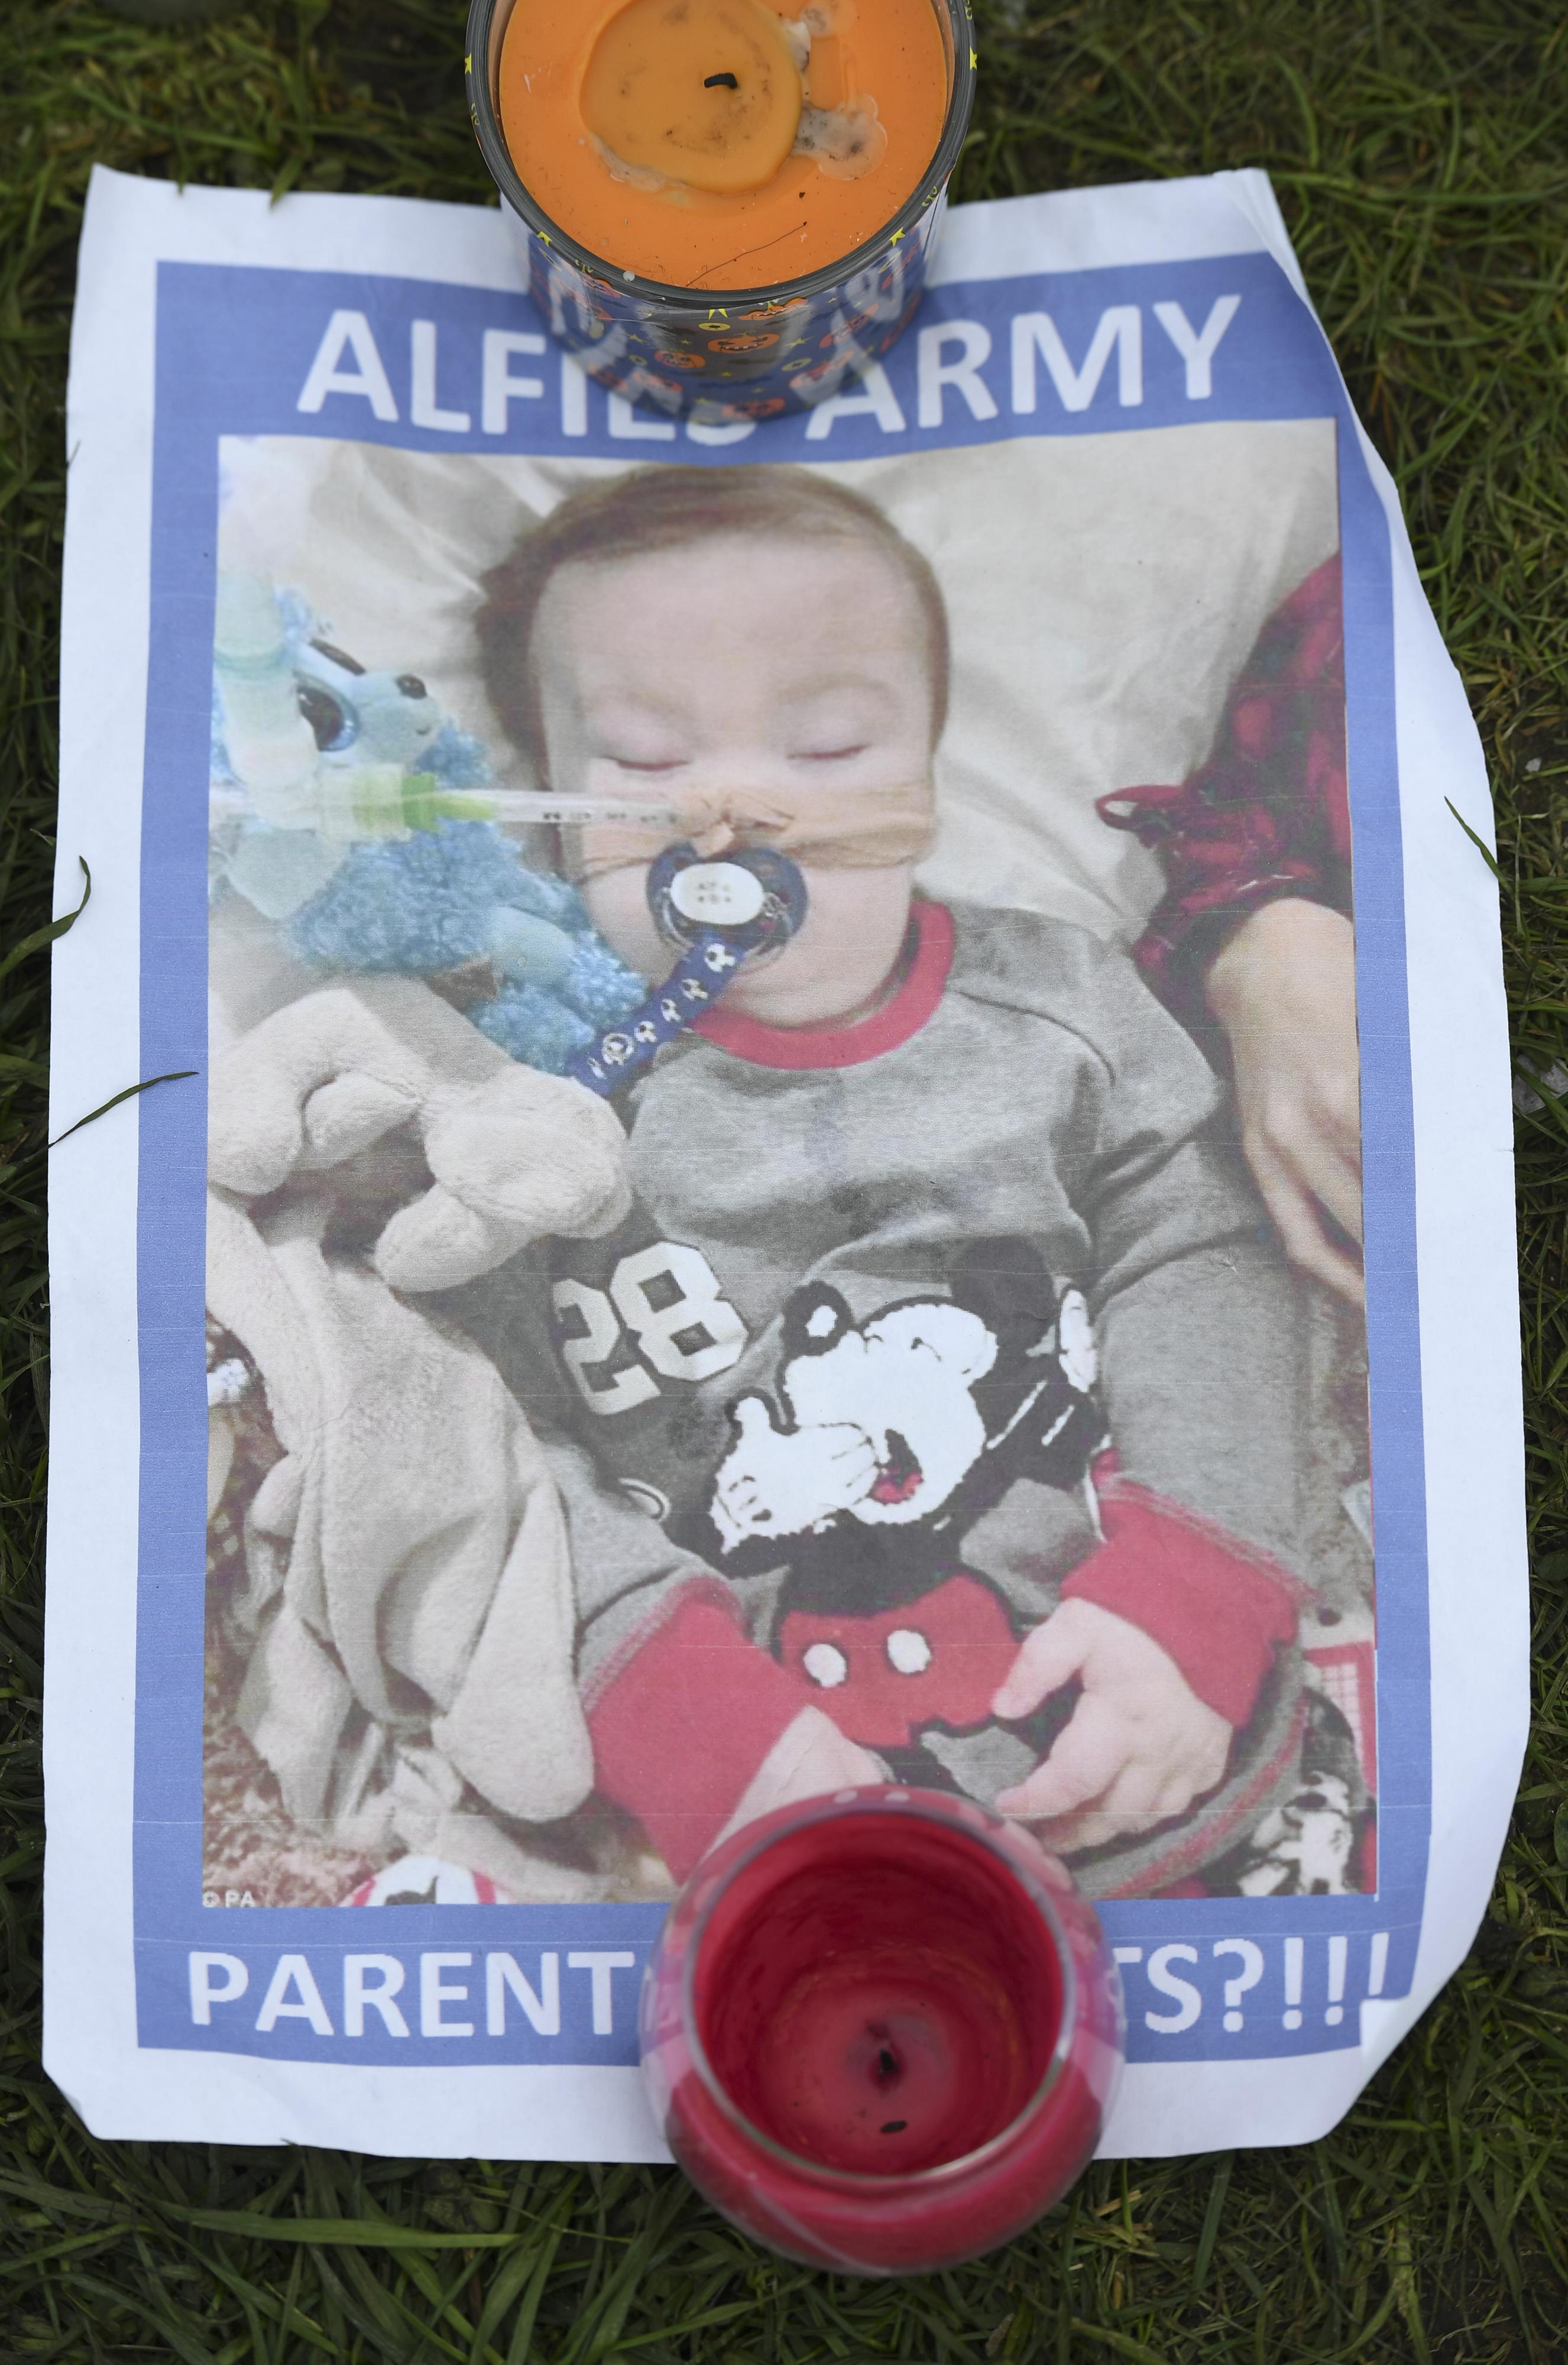 Rejeitado último recurso para prolongar vida de bebé com doença terminal no Reino Unido